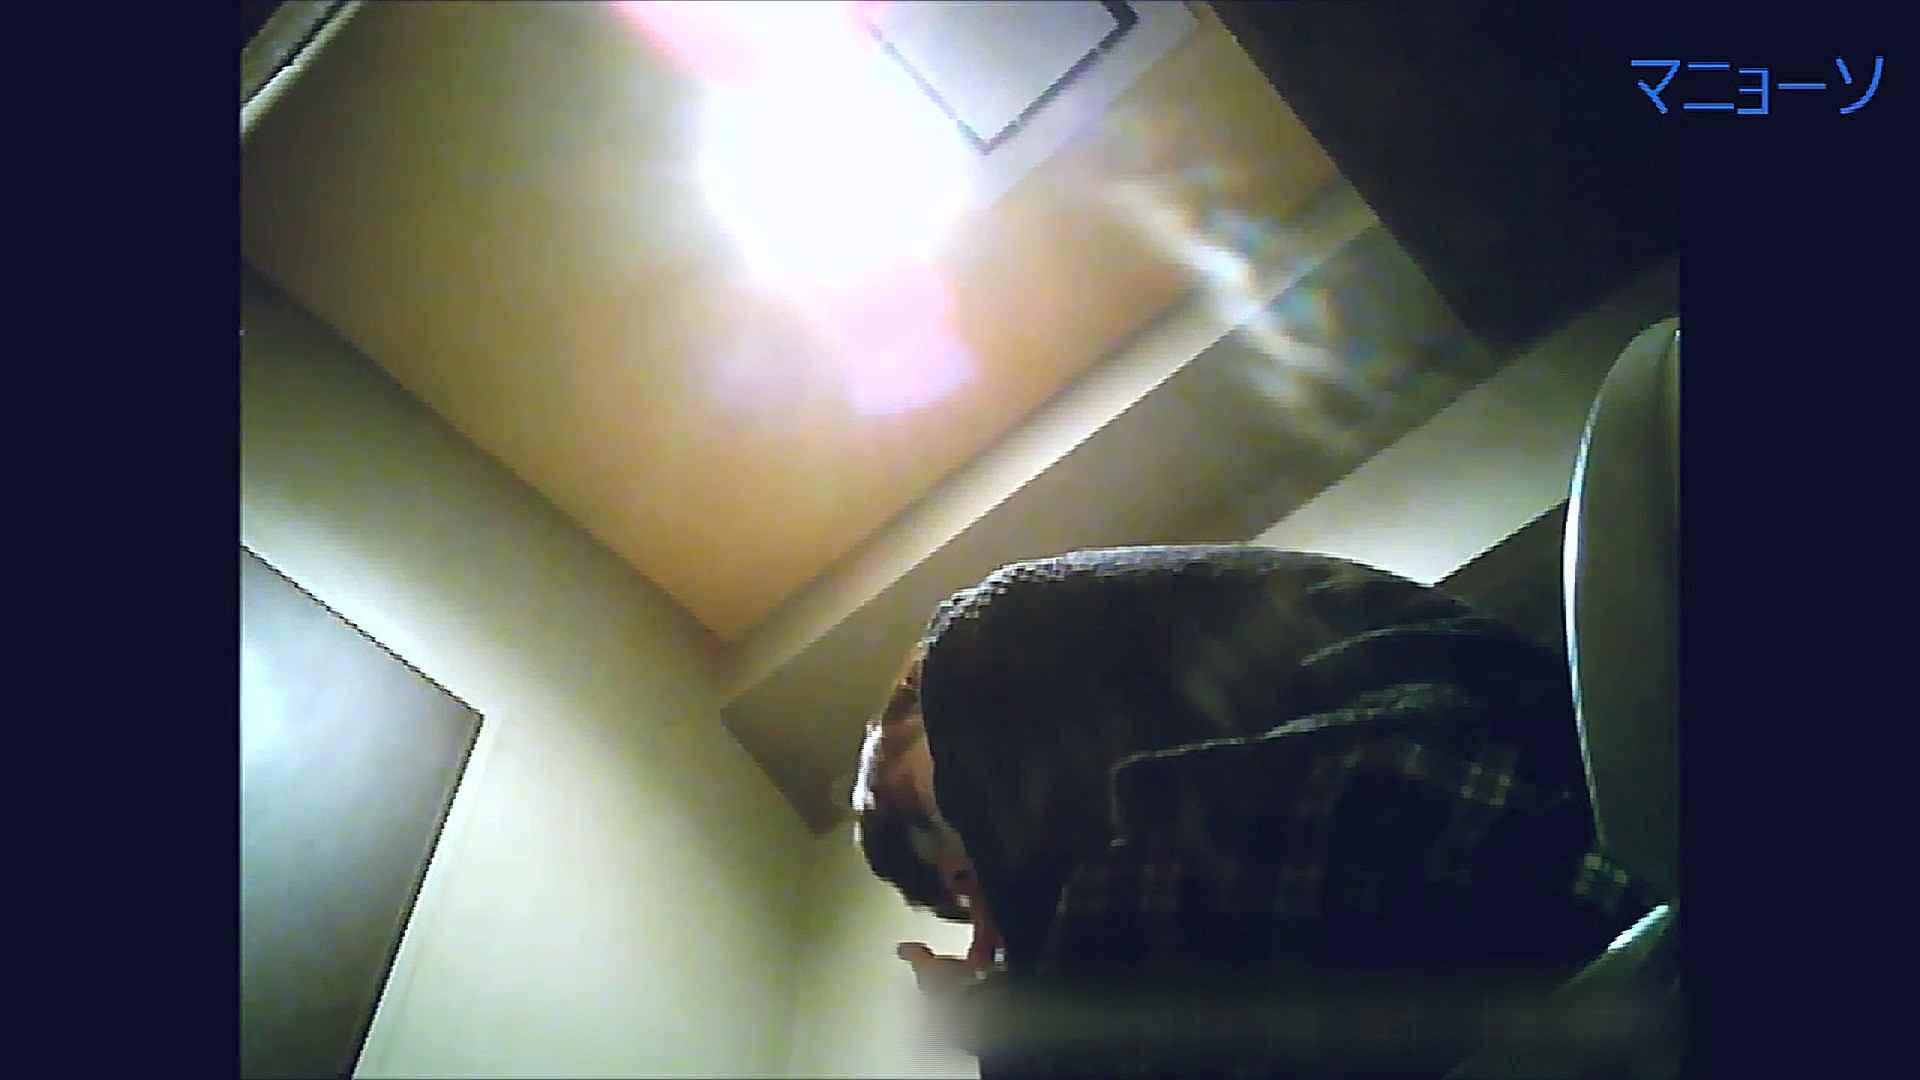 トイレでひと肌脱いでもらいました (OL編)Vol.13 OLのボディ | トイレの実態  87PIX 11